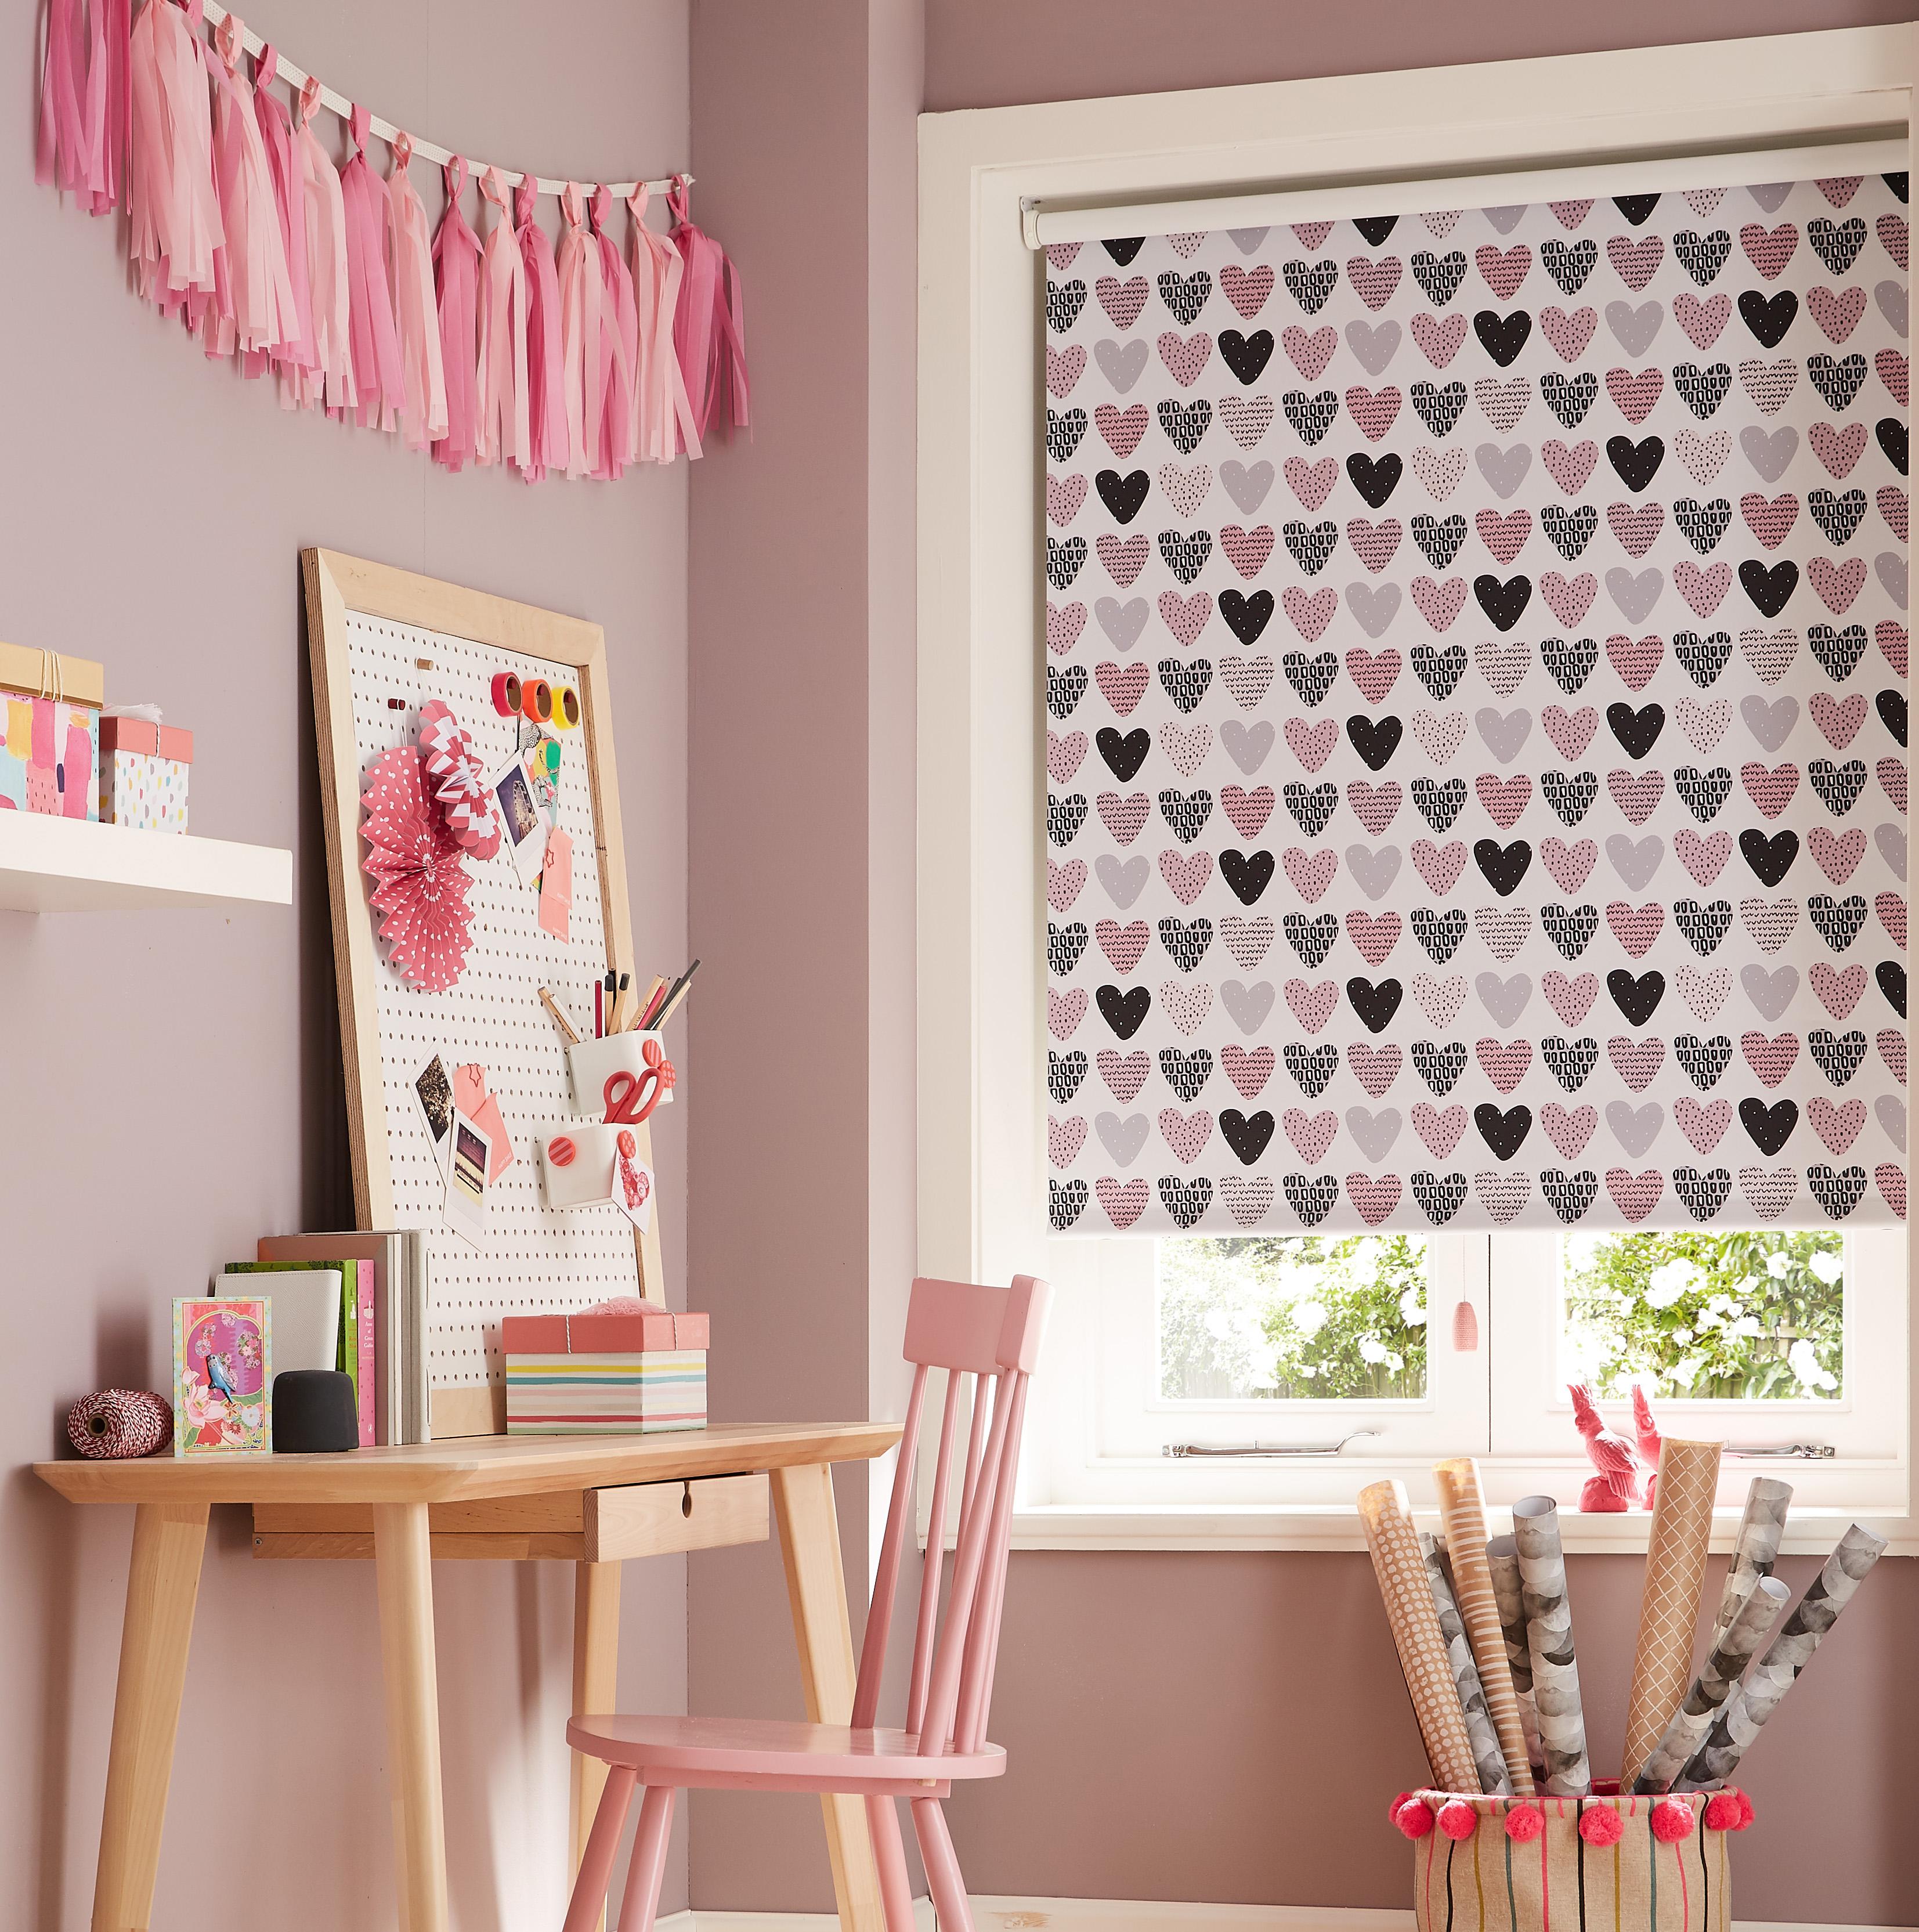 Candy Confetti Hearts